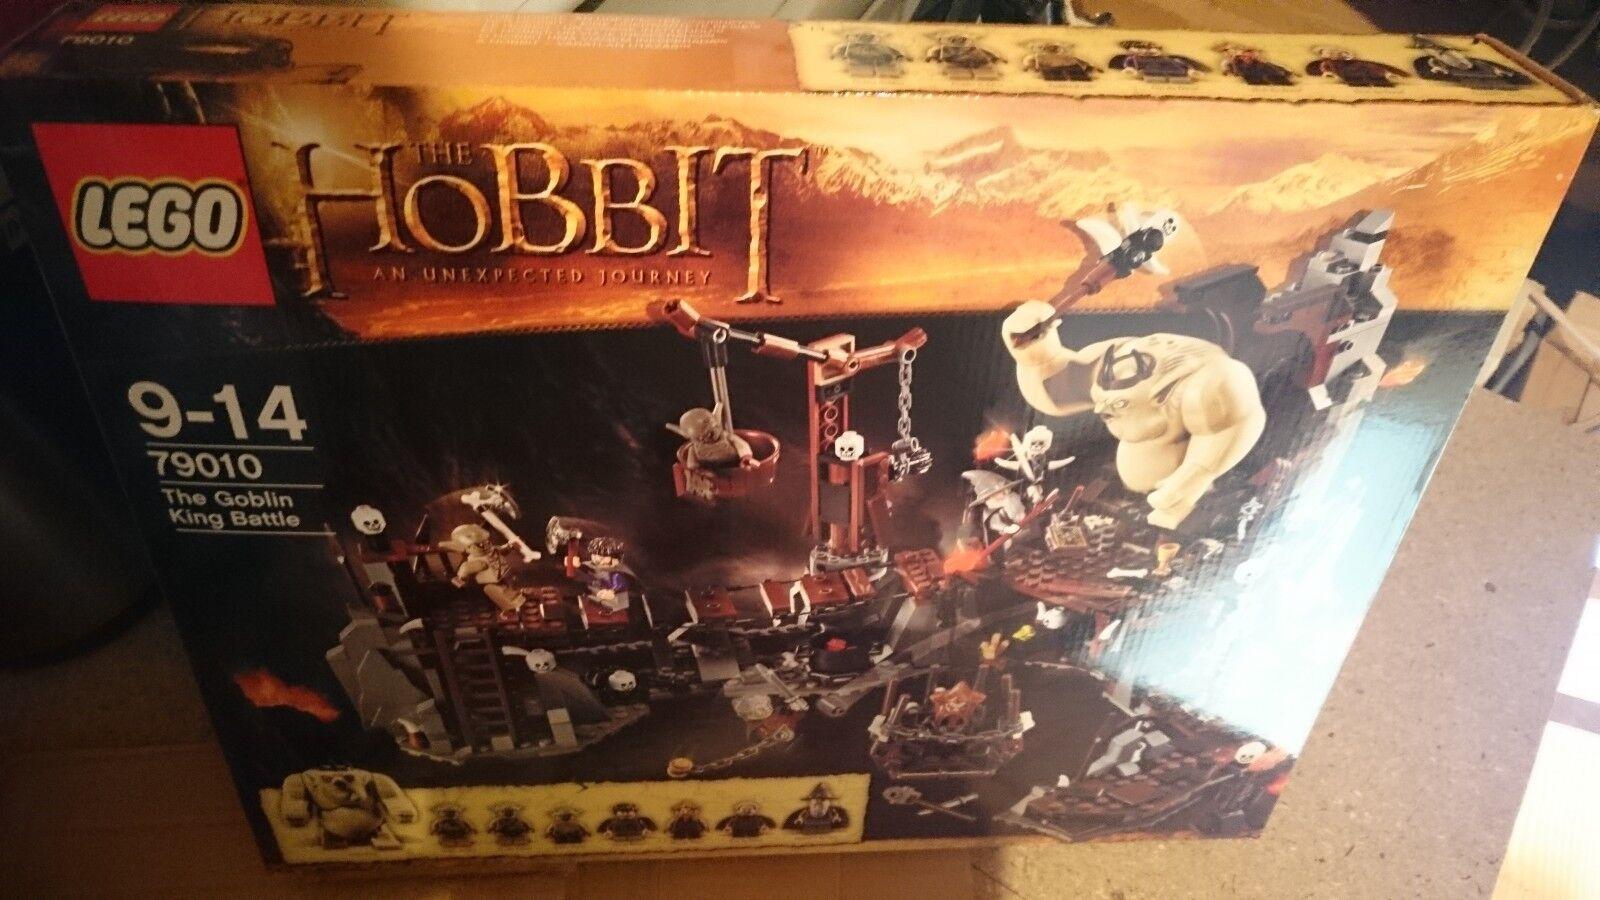 LEGO The Hobbit 79010  The Goblin King Battle Brand New Sealed